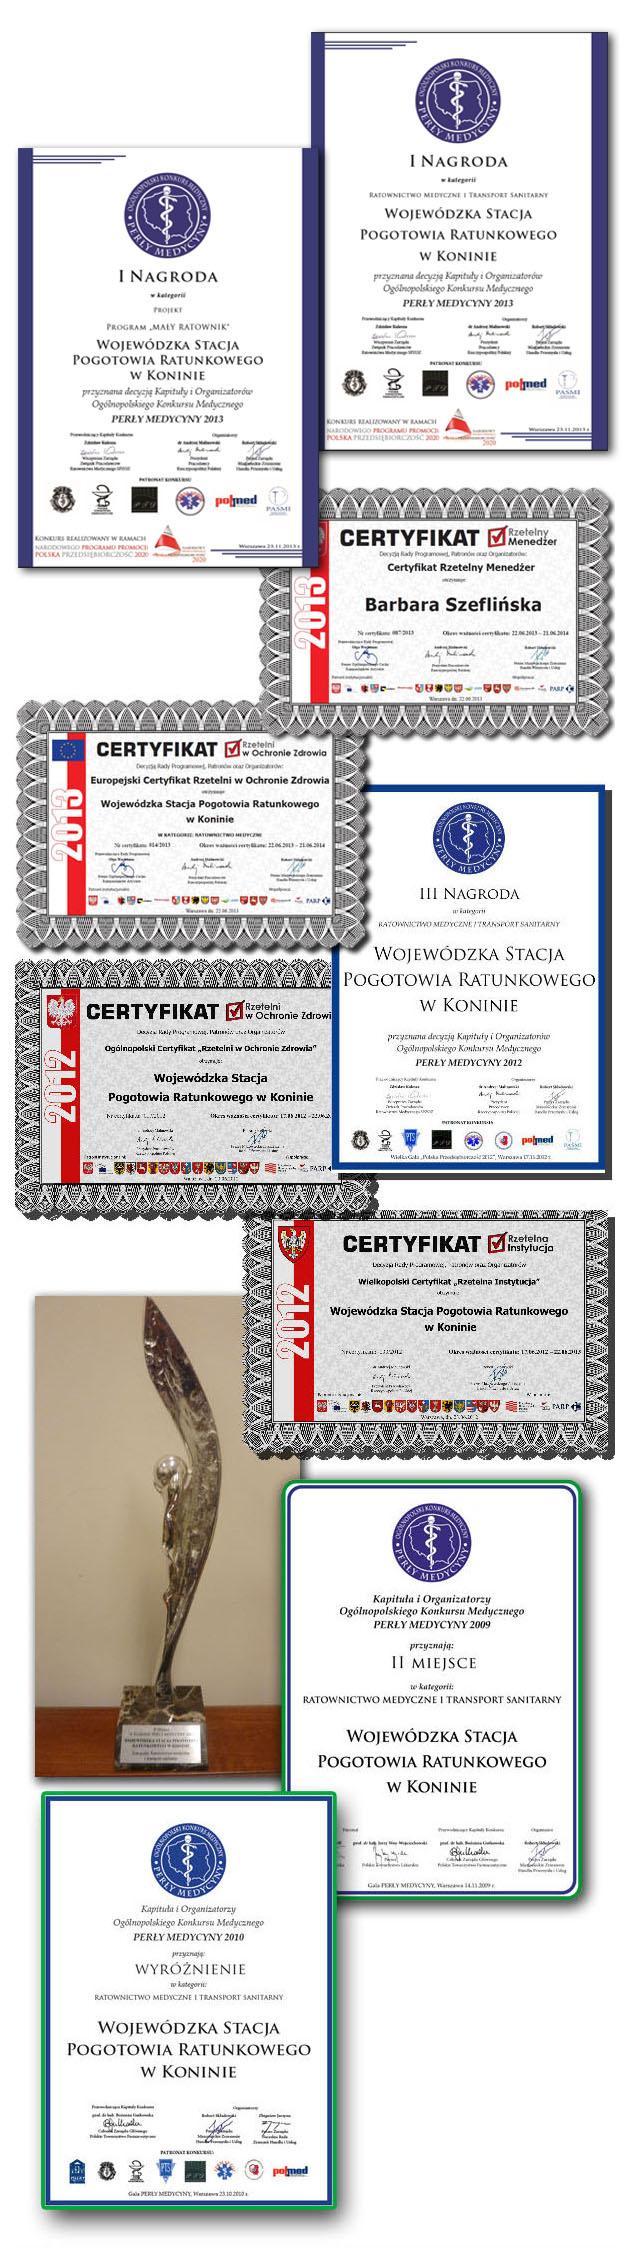 Nagrody i wyróżnienia dla WCRM Konin